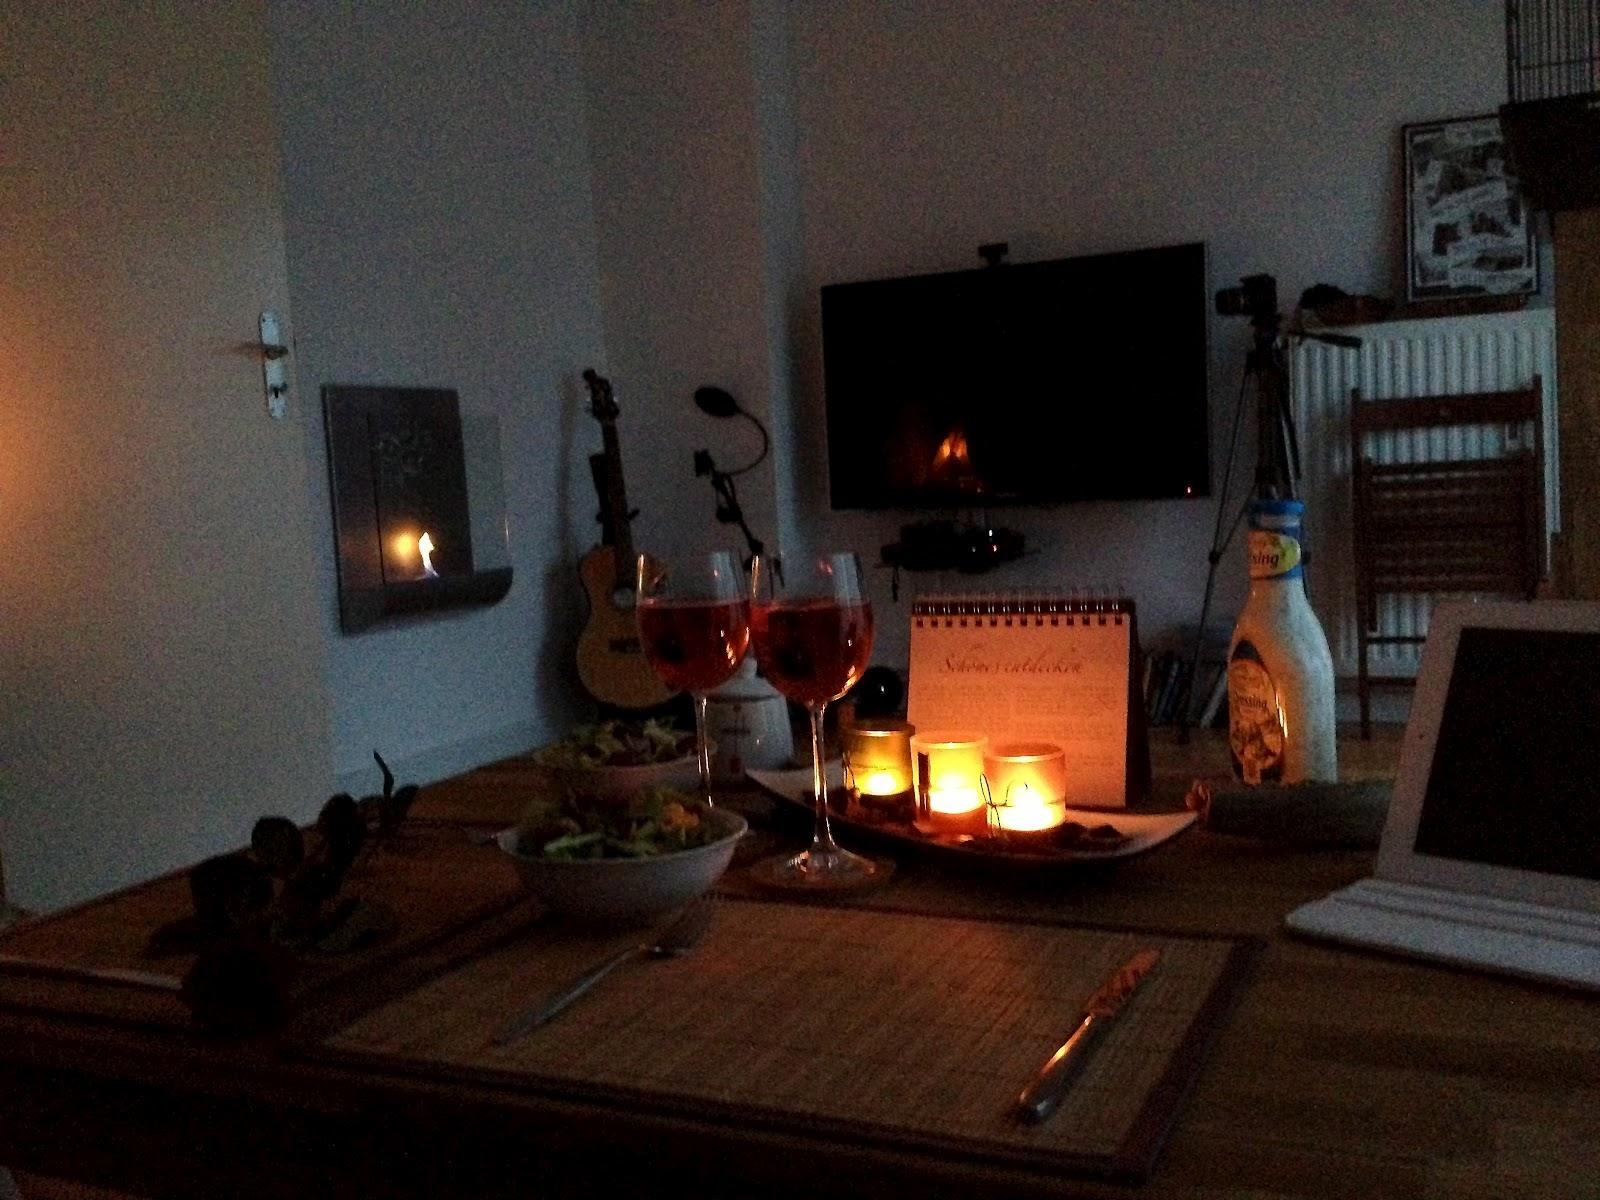 mein neues leben ich romantisches abendessen zu zweit. Black Bedroom Furniture Sets. Home Design Ideas